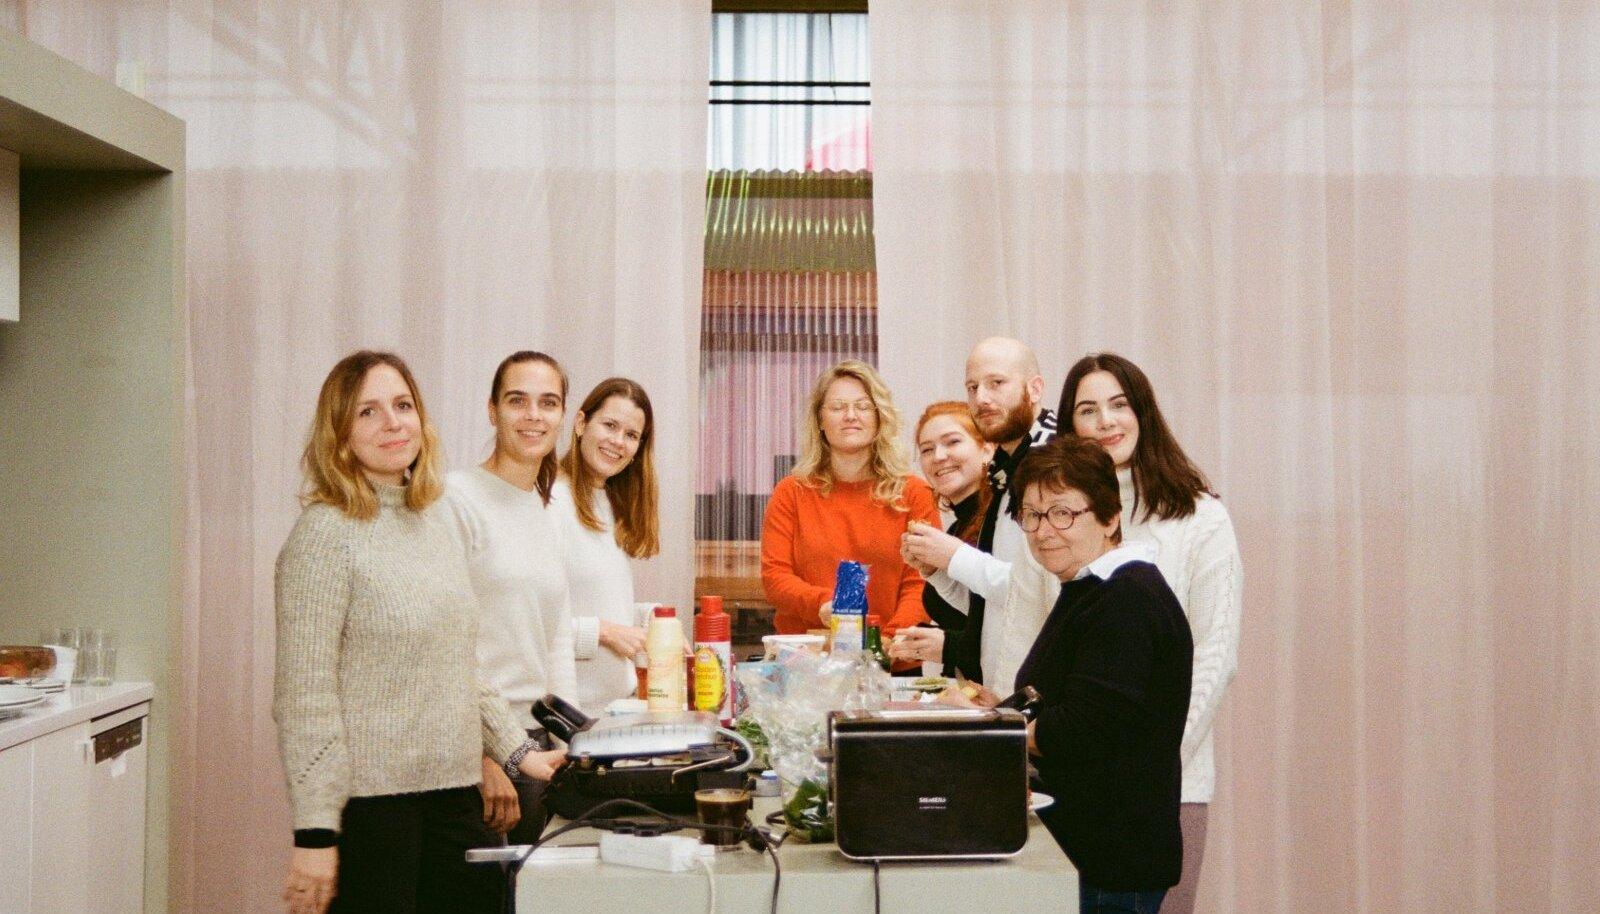 Anastassia Imatra on siiani Hollandis. Pildil koos kolleegidega.